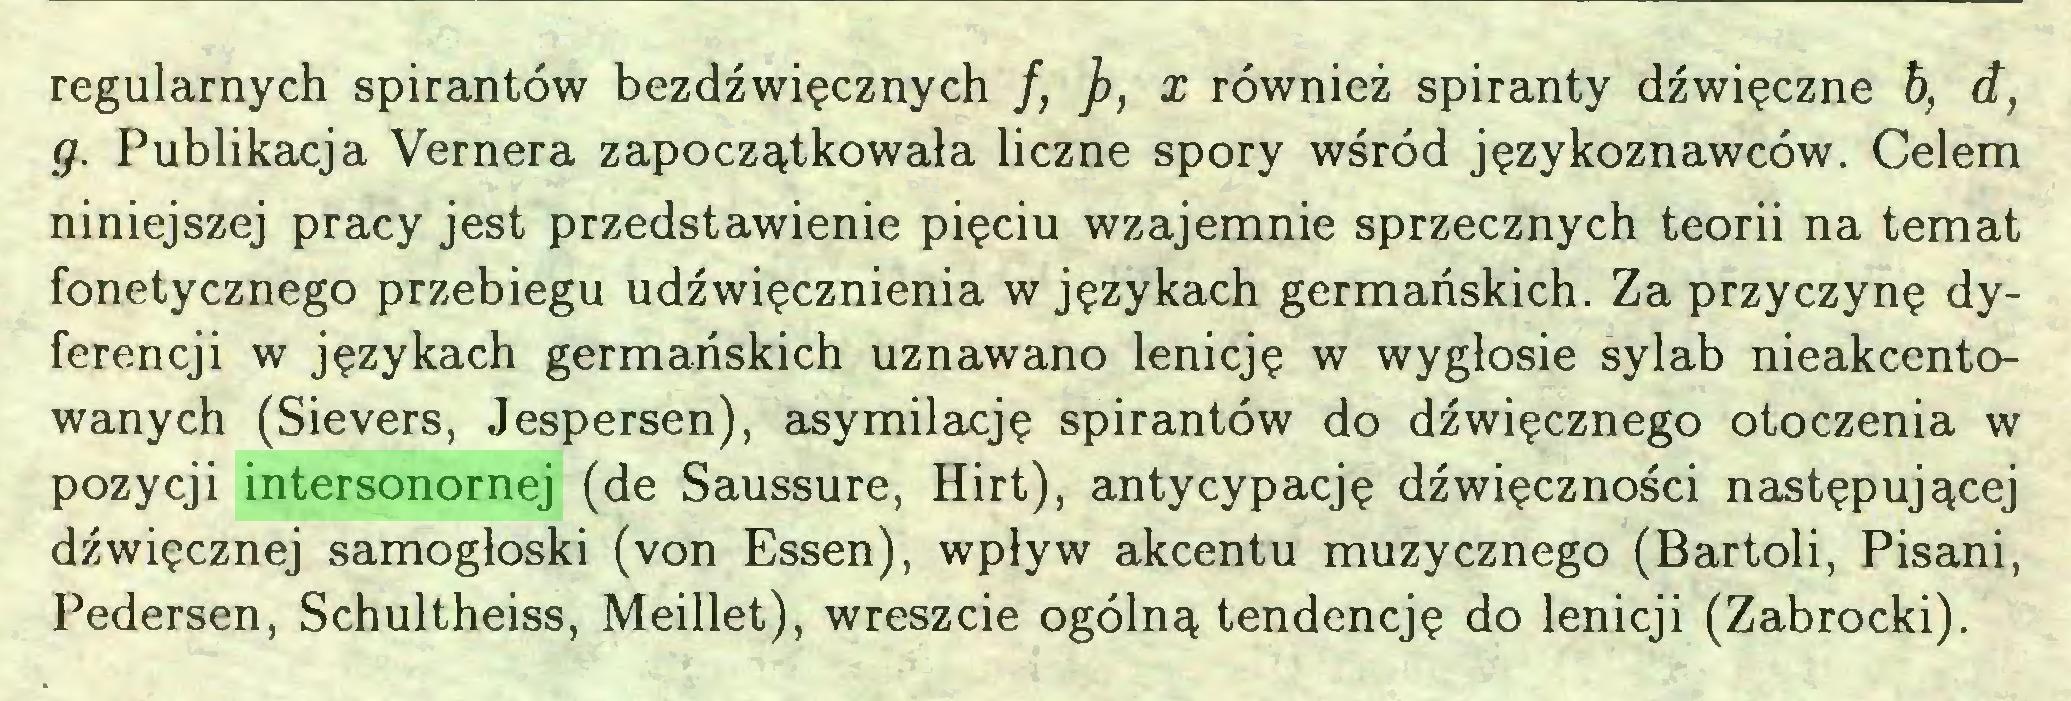 (...) regularnych spirantów bezdźwięcznych f, }), x również spiranty dźwięczne h, â, g. Publikacja Vernera zapoczątkowała liczne spory wśród językoznawców. Celem niniejszej pracy jest przedstawienie pięciu wzajemnie sprzecznych teorii na temat fonetycznego przebiegu udźwięcznienia w językach germańskich. Za przyczynę dyferencji w językach germańskich uznawano lenieję w wygłosie sylab nieakcentowanych (Sievers, Jespersen), asymilację spirantów do dźwięcznego otoczenia w pozycji intersonornej (de Saussure, Hirt), antycypację dźwięczności następującej dźwięcznej samogłoski (von Essen), wpływ akcentu muzycznego (Bartoli, Pisani, Pedersen, Schultheiss, Meillet), wreszcie ogólną tendencję do lenicji (Zabrocki)...